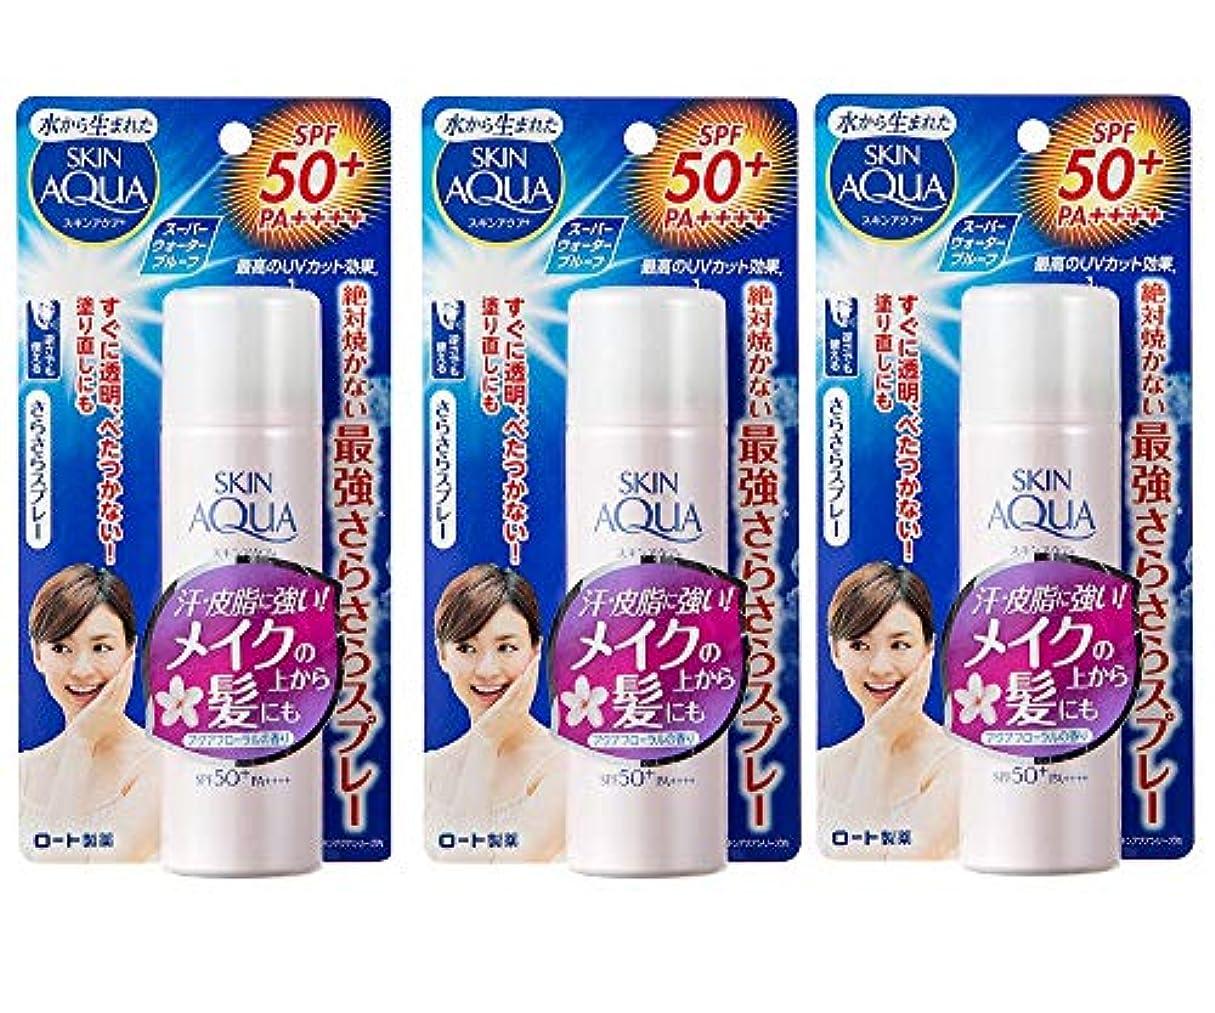 波ウール誤解(ロート)スキンアクア サラフィットUV さらさらスプレー(SPF50+/PA++++)アクアフローラルの香り50g(お買い得3個セット)